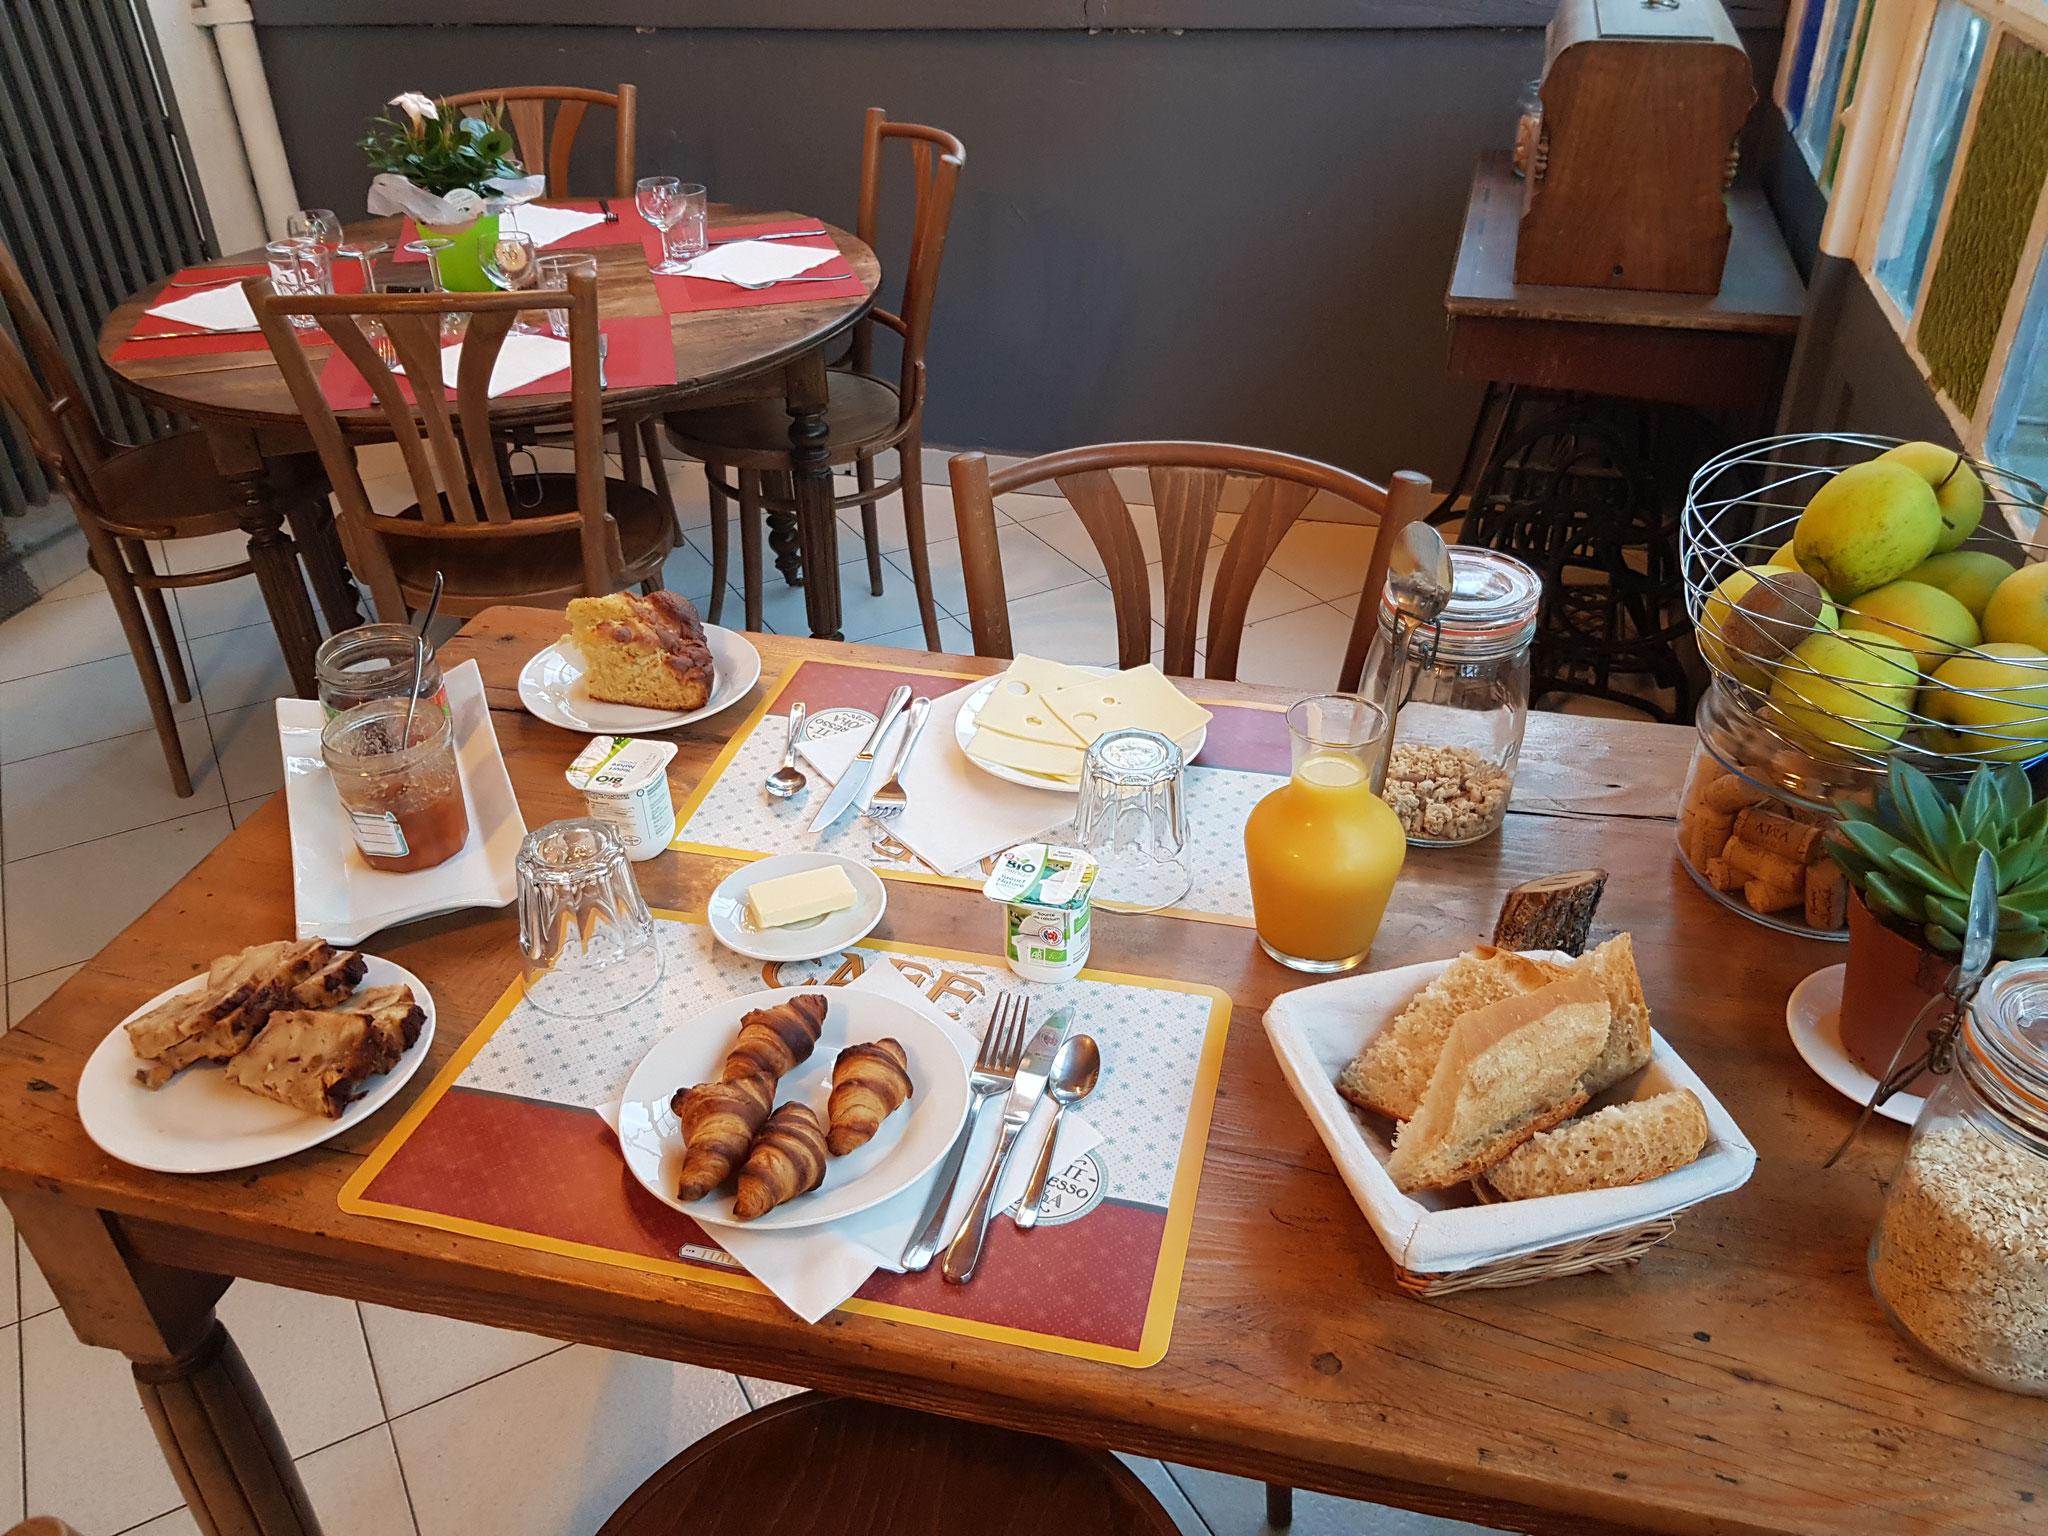 petit déjeuné Hôtel pension restaurant le Guintrand au pied du mont Ventoux Bedoin Vaucluse